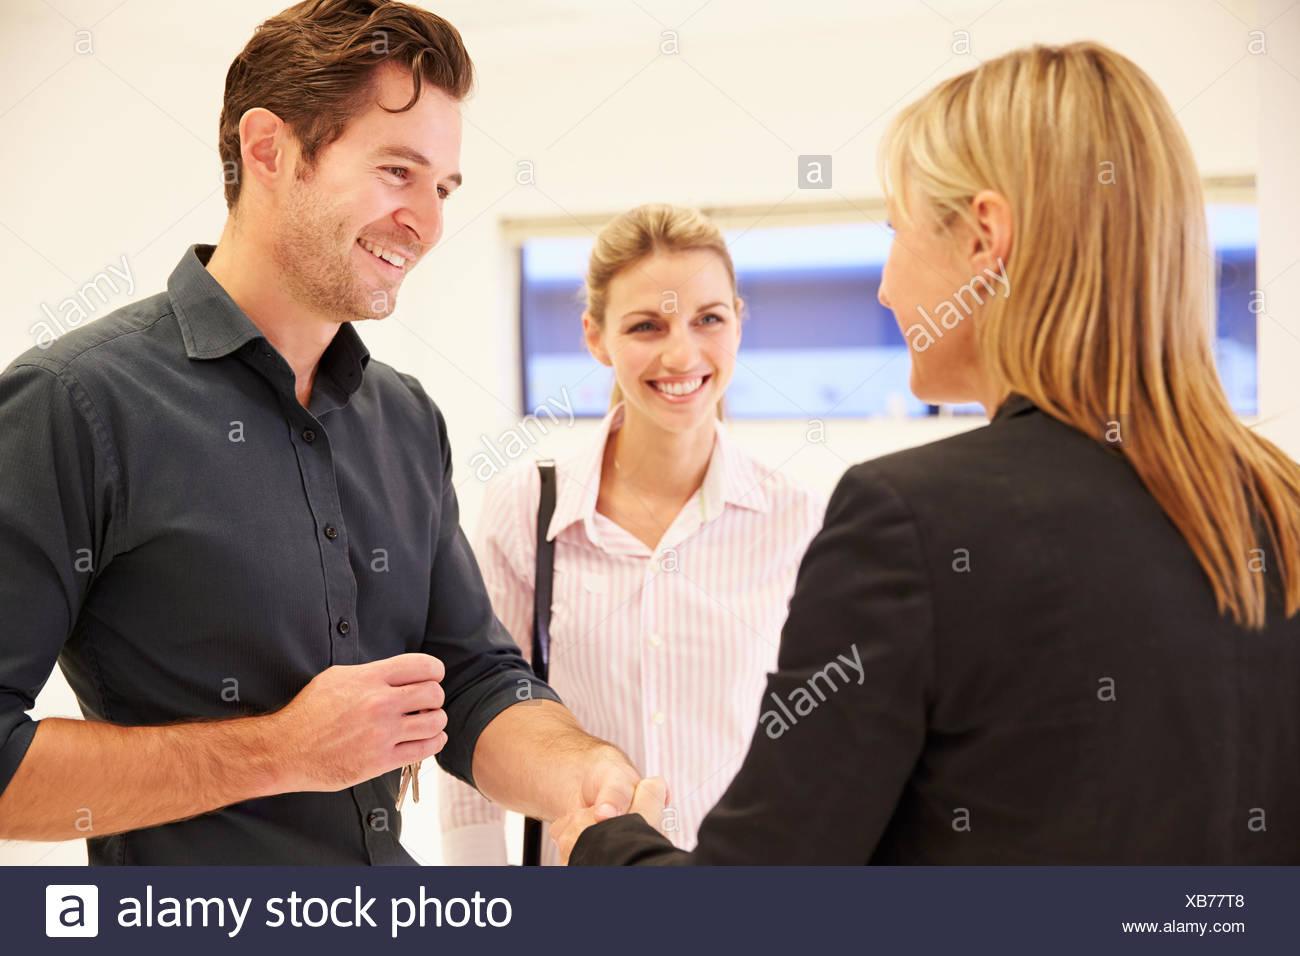 Immobilienmakler Händeschütteln mit Kunden In leeres Büro Stockbild